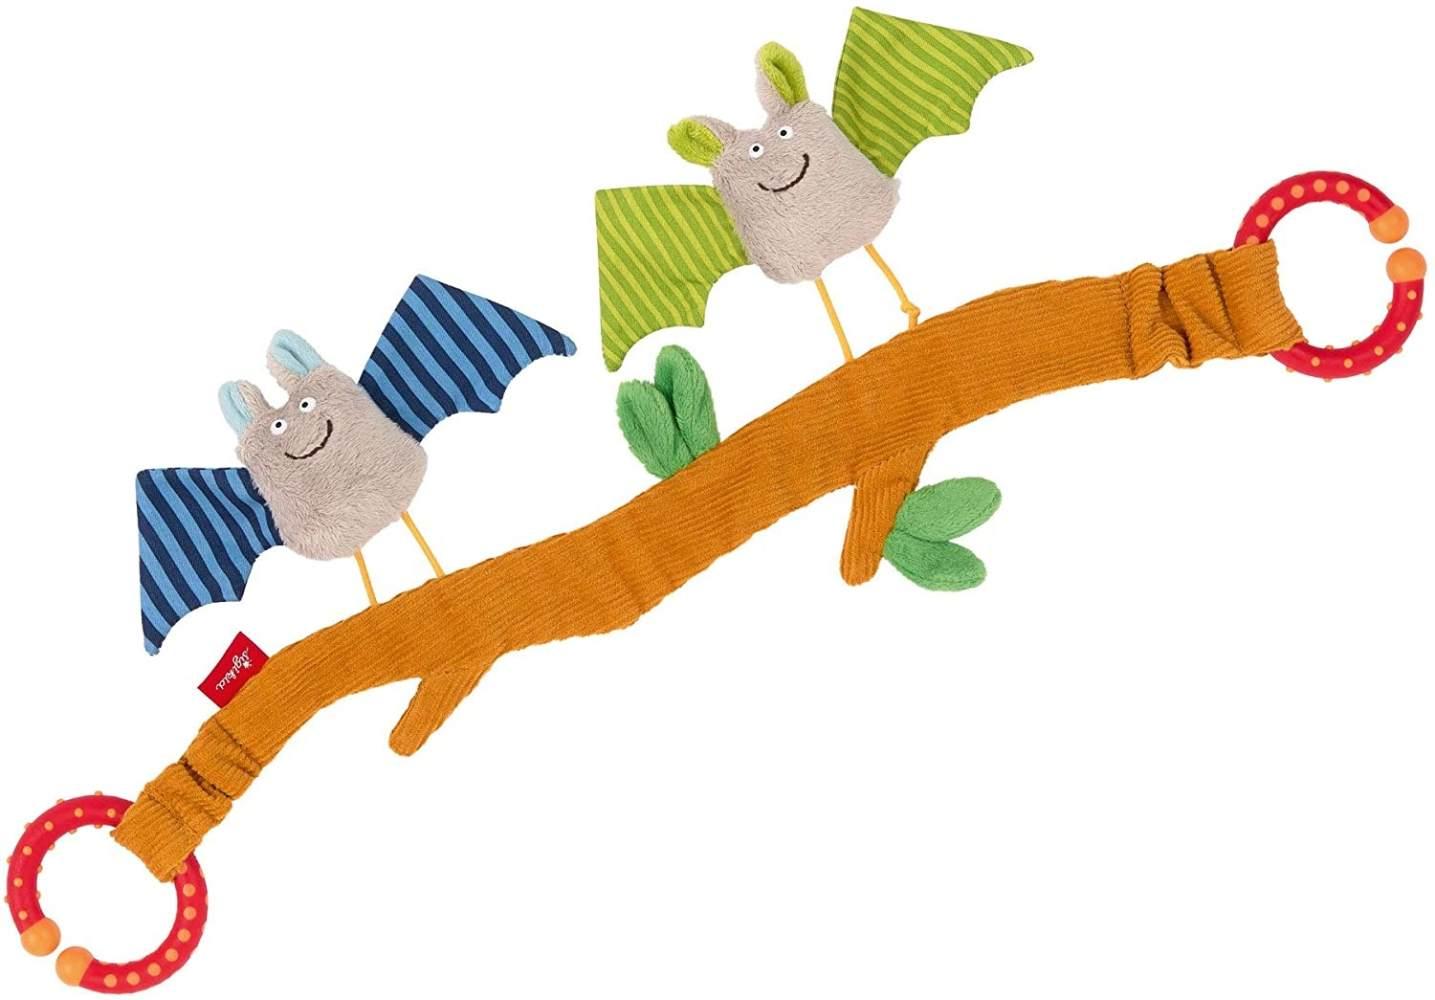 sigikid, Mädchen und Jungen, Wagenkette, Fledermaus, Baby Activity, Mehrfarbig, 42293 Bild 1